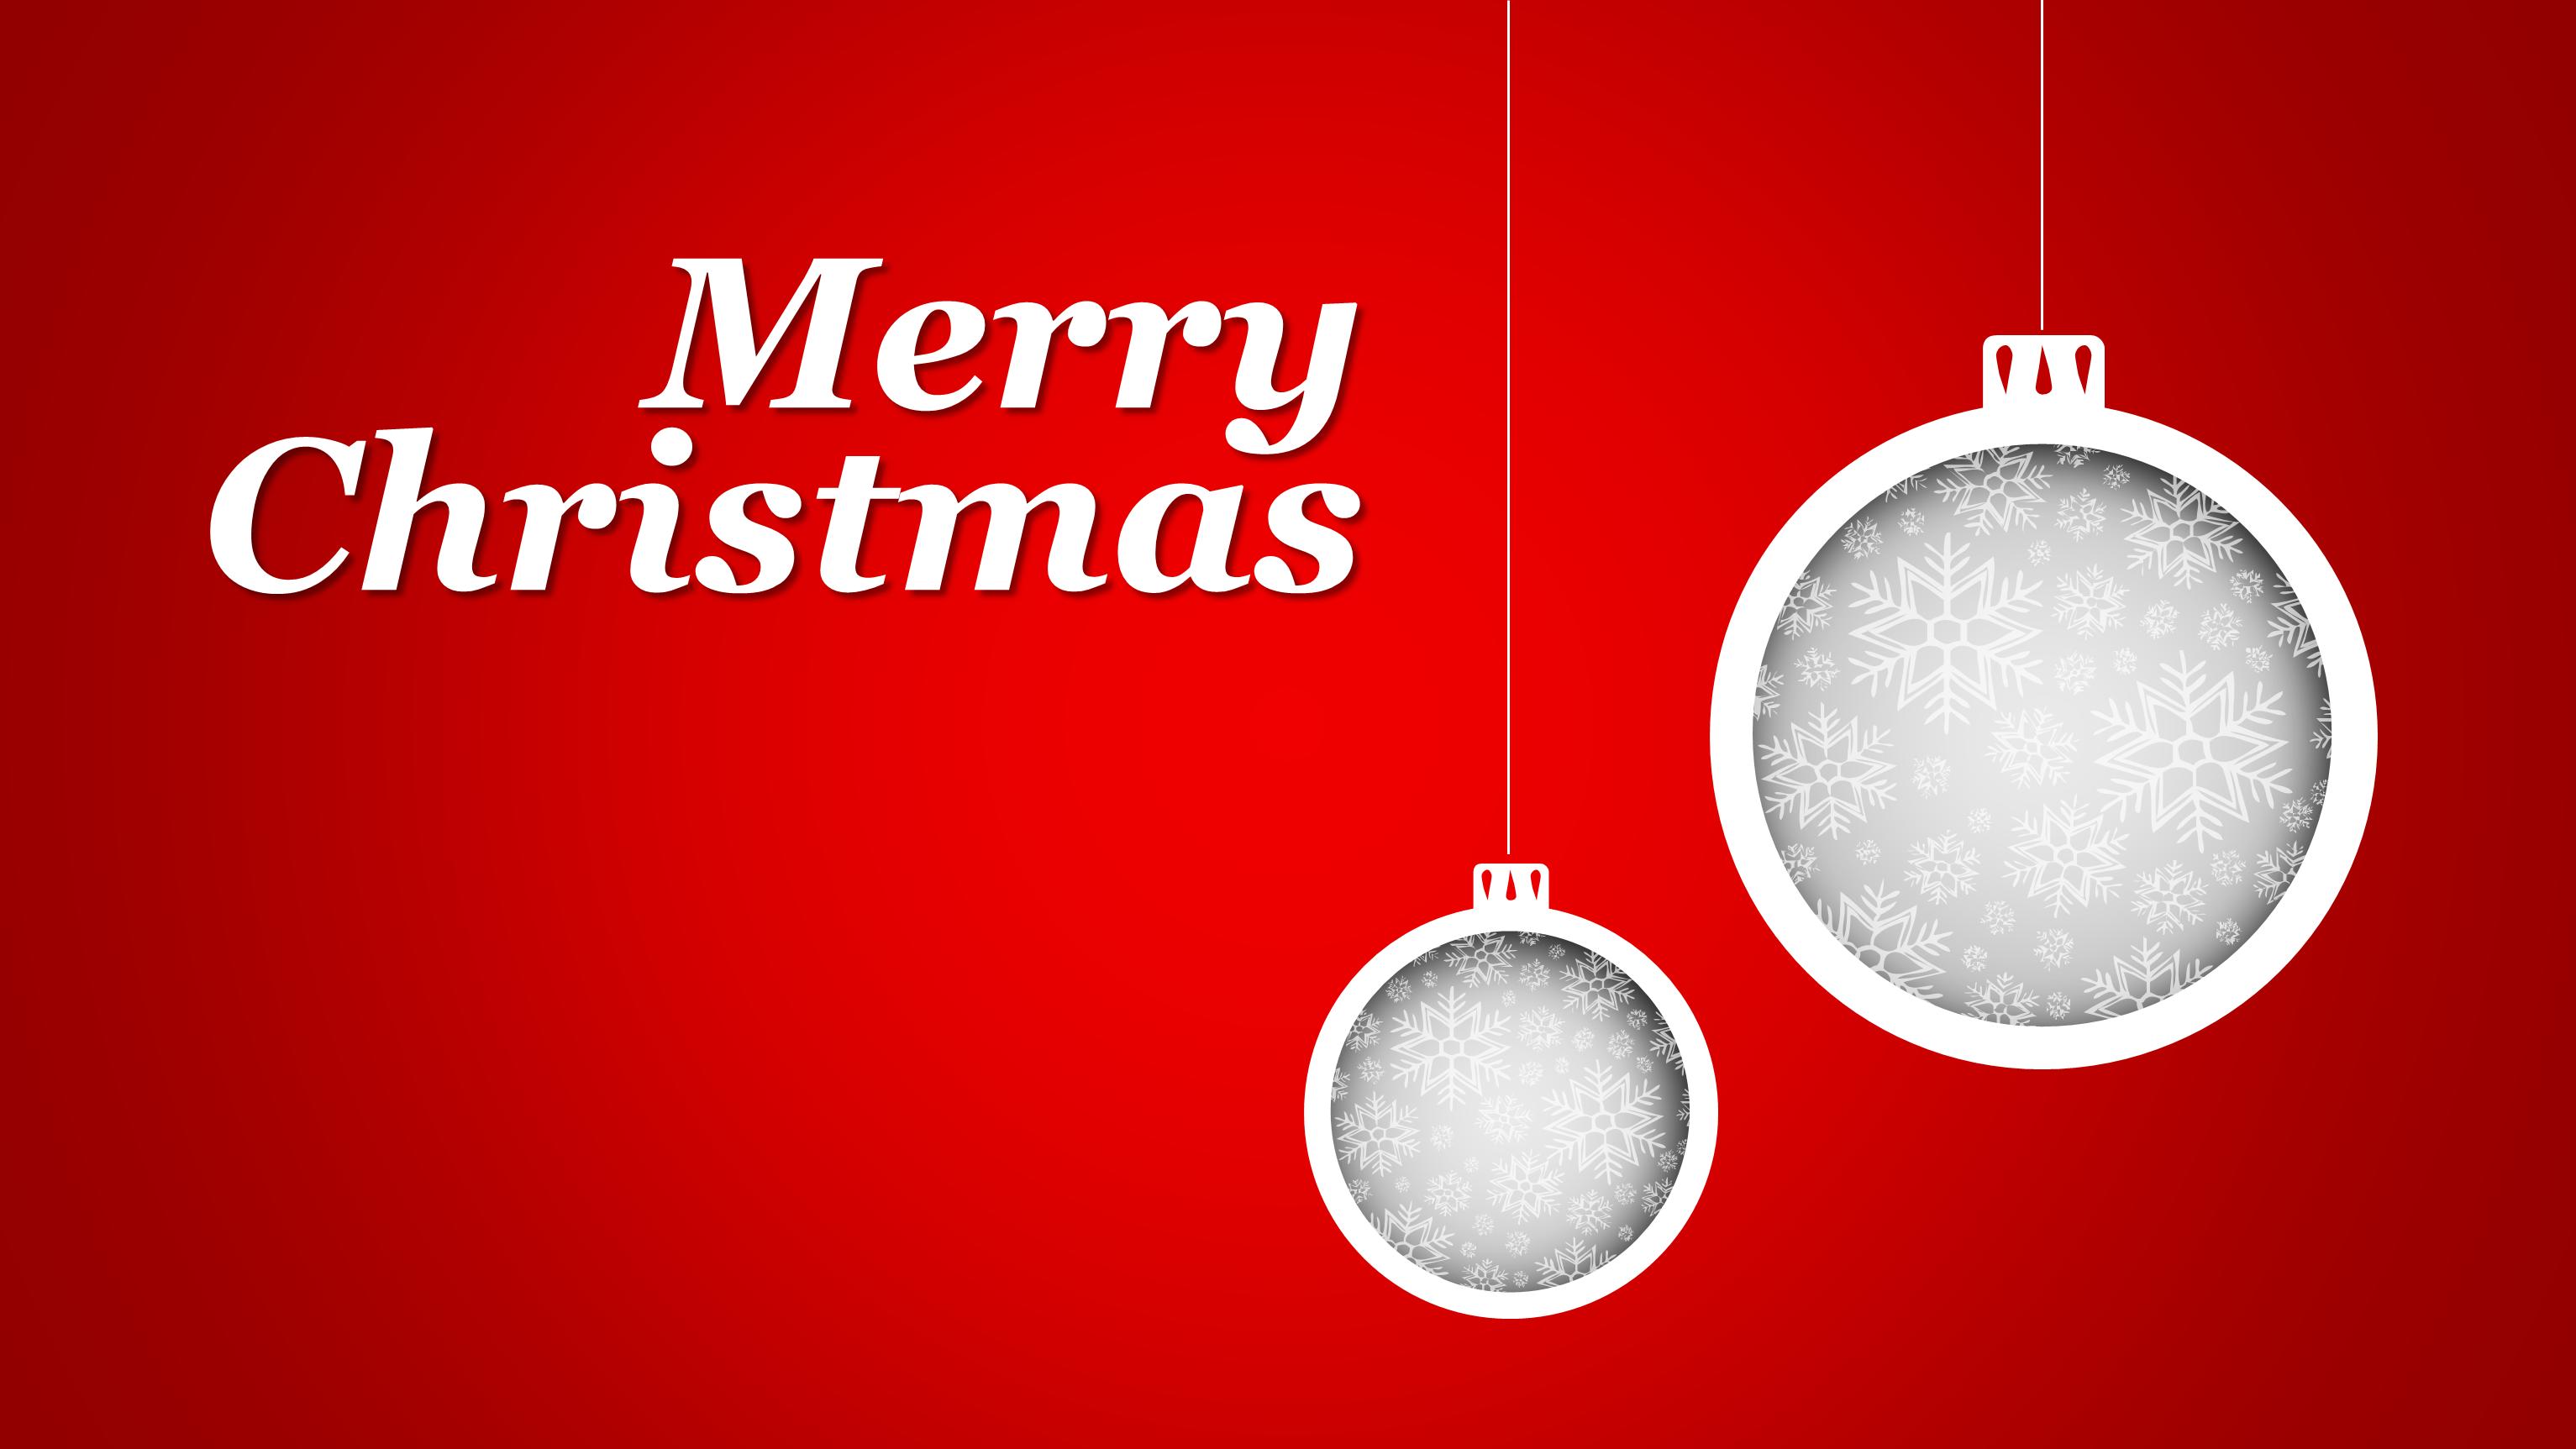 Kreidemarker Vorlagen Zu Weihnachten Topp Blog 2